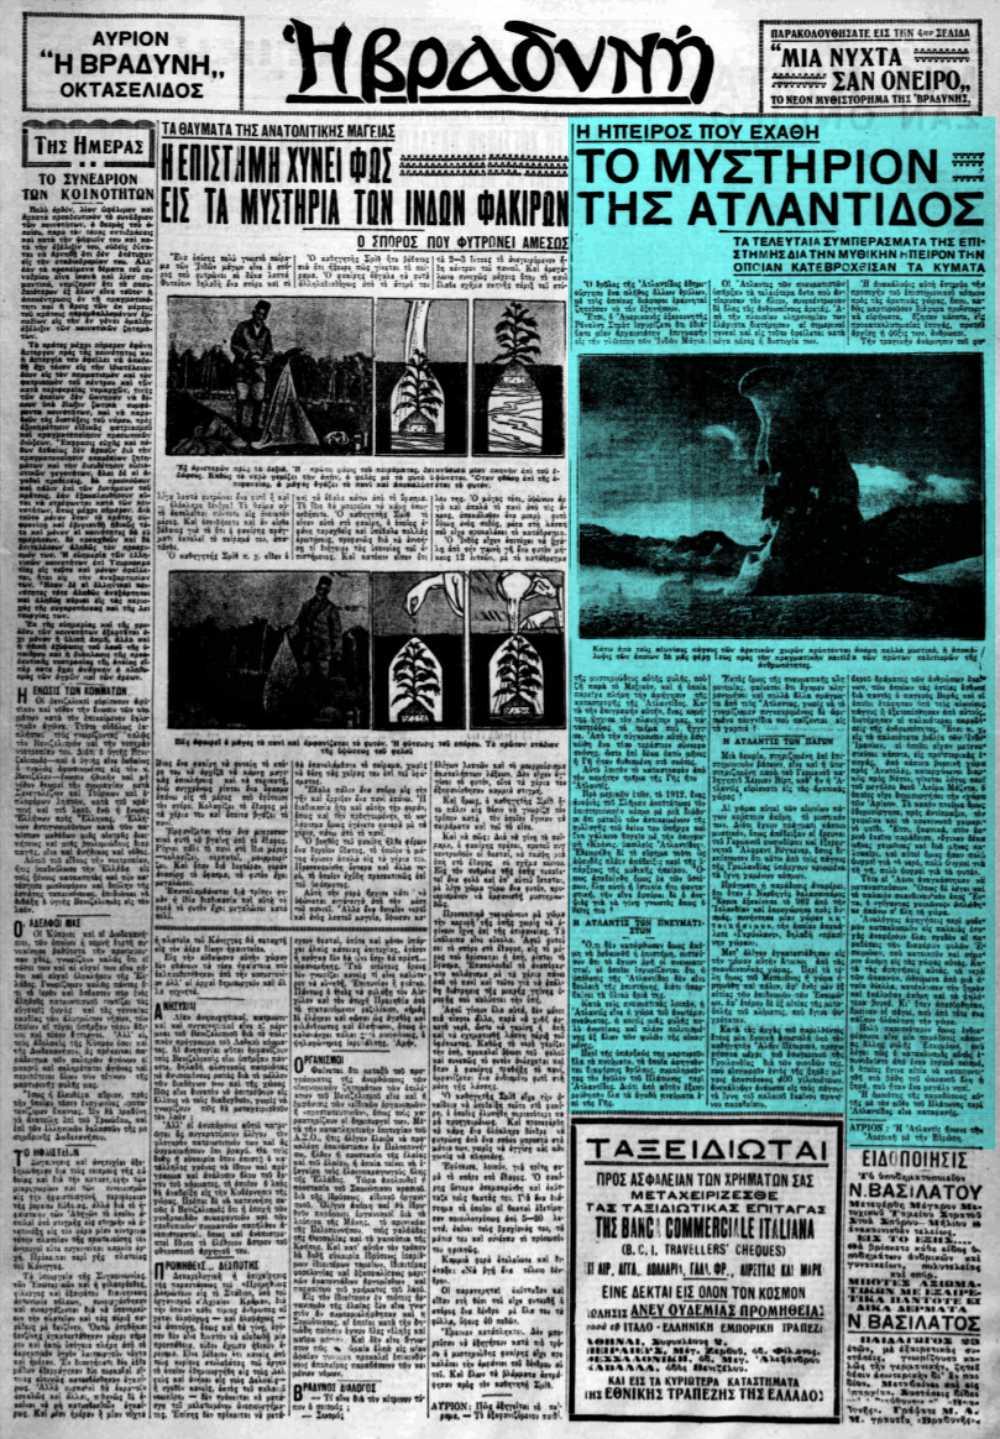 """Το άρθρο, όπως δημοσιεύθηκε στην εφημερίδα """"Η ΒΡΑΔΥΝΗ"""", στις 14/09/1931"""